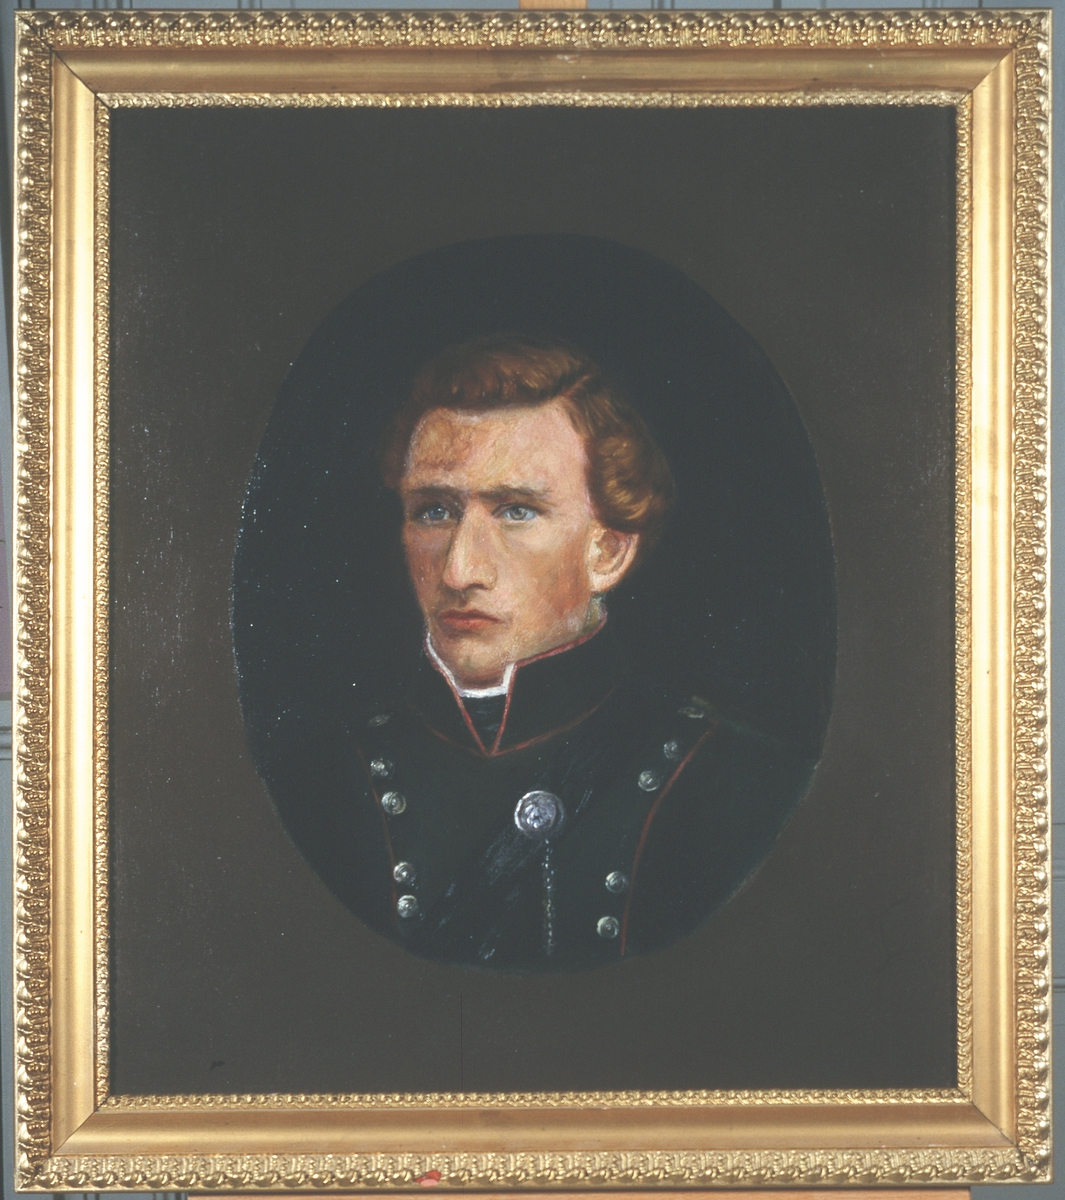 Portrett av eidsvollsmann Peter Johnsen Ertzgård Mann innskrevet i oval, på lysere bunn Brunt hår, uniform med smale, røde kanter, mange knapper.